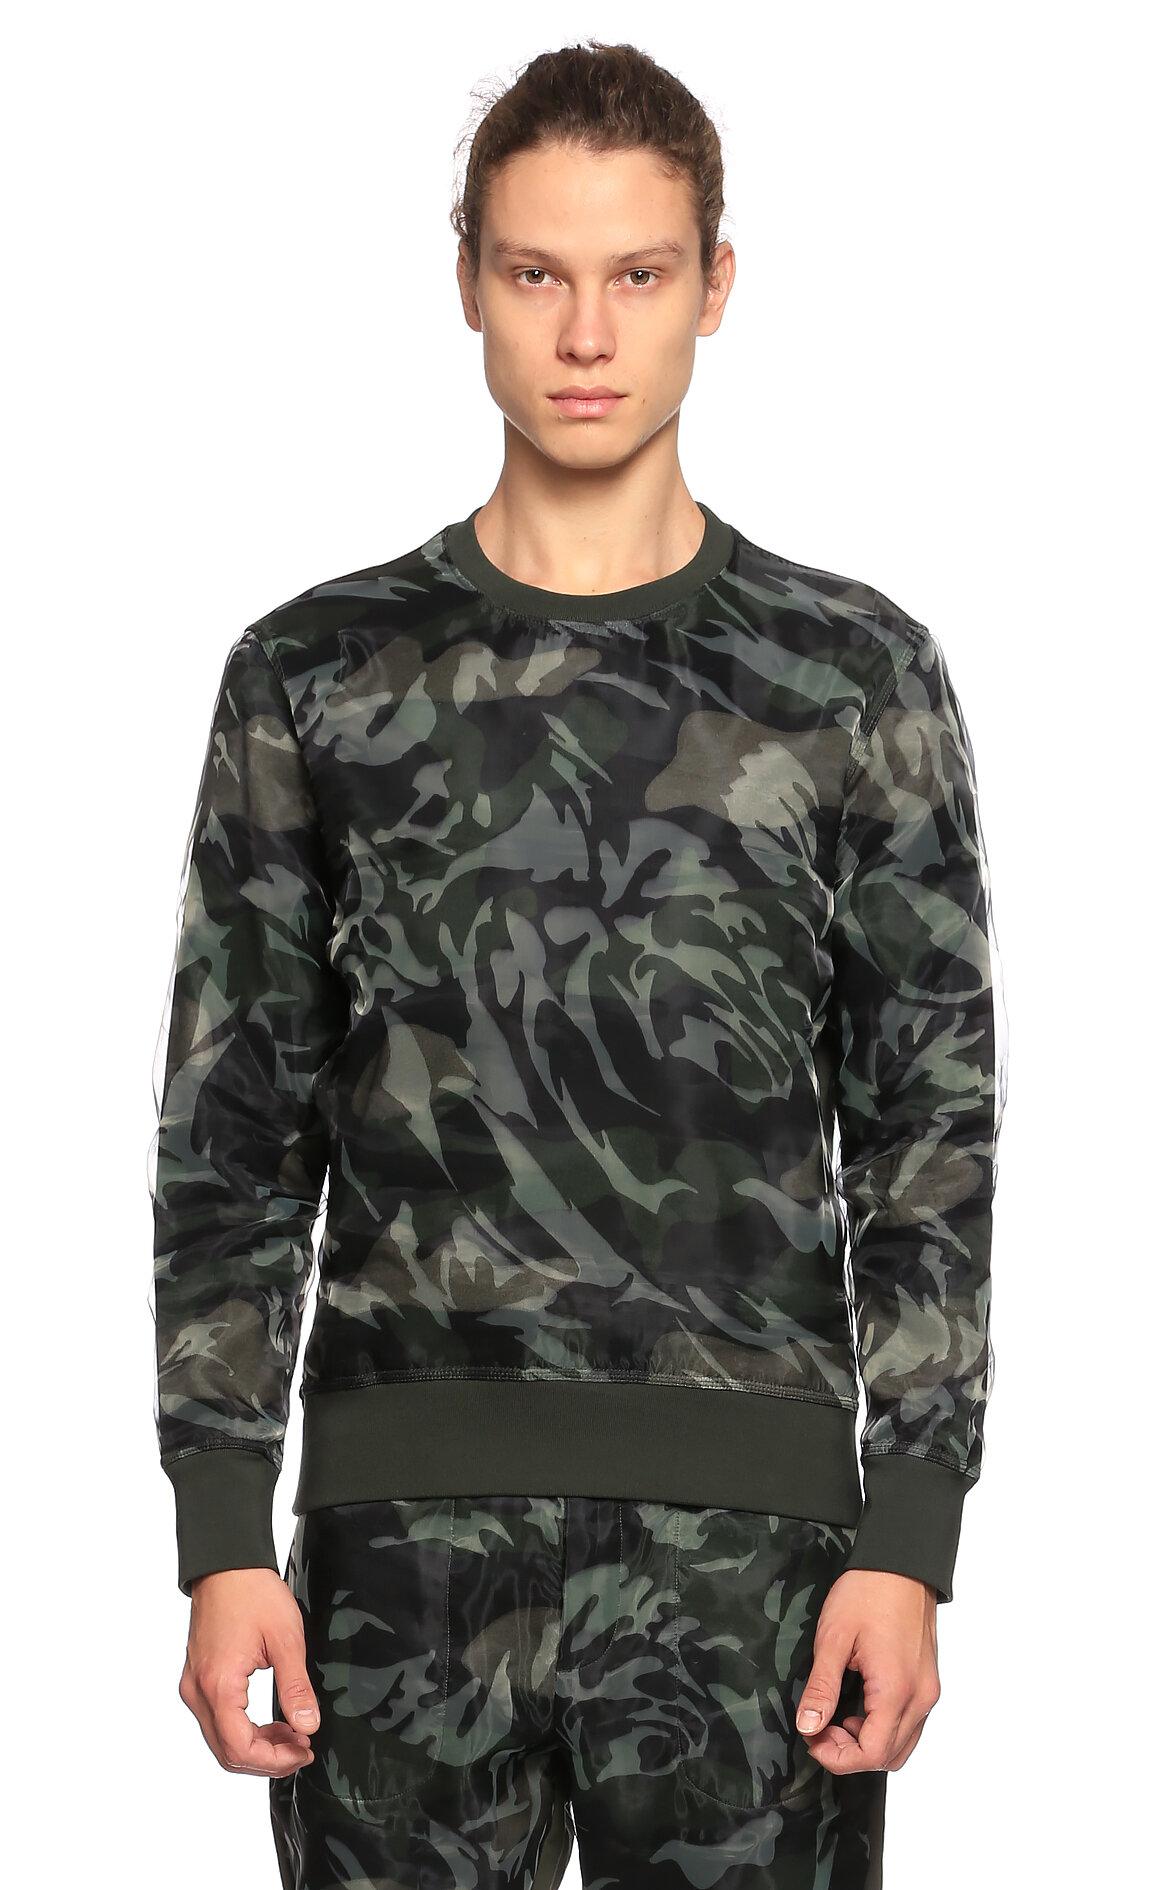 Alexander McQueen-Alexander Mcqueen Karma Desenli Yeşil Sweatshirt